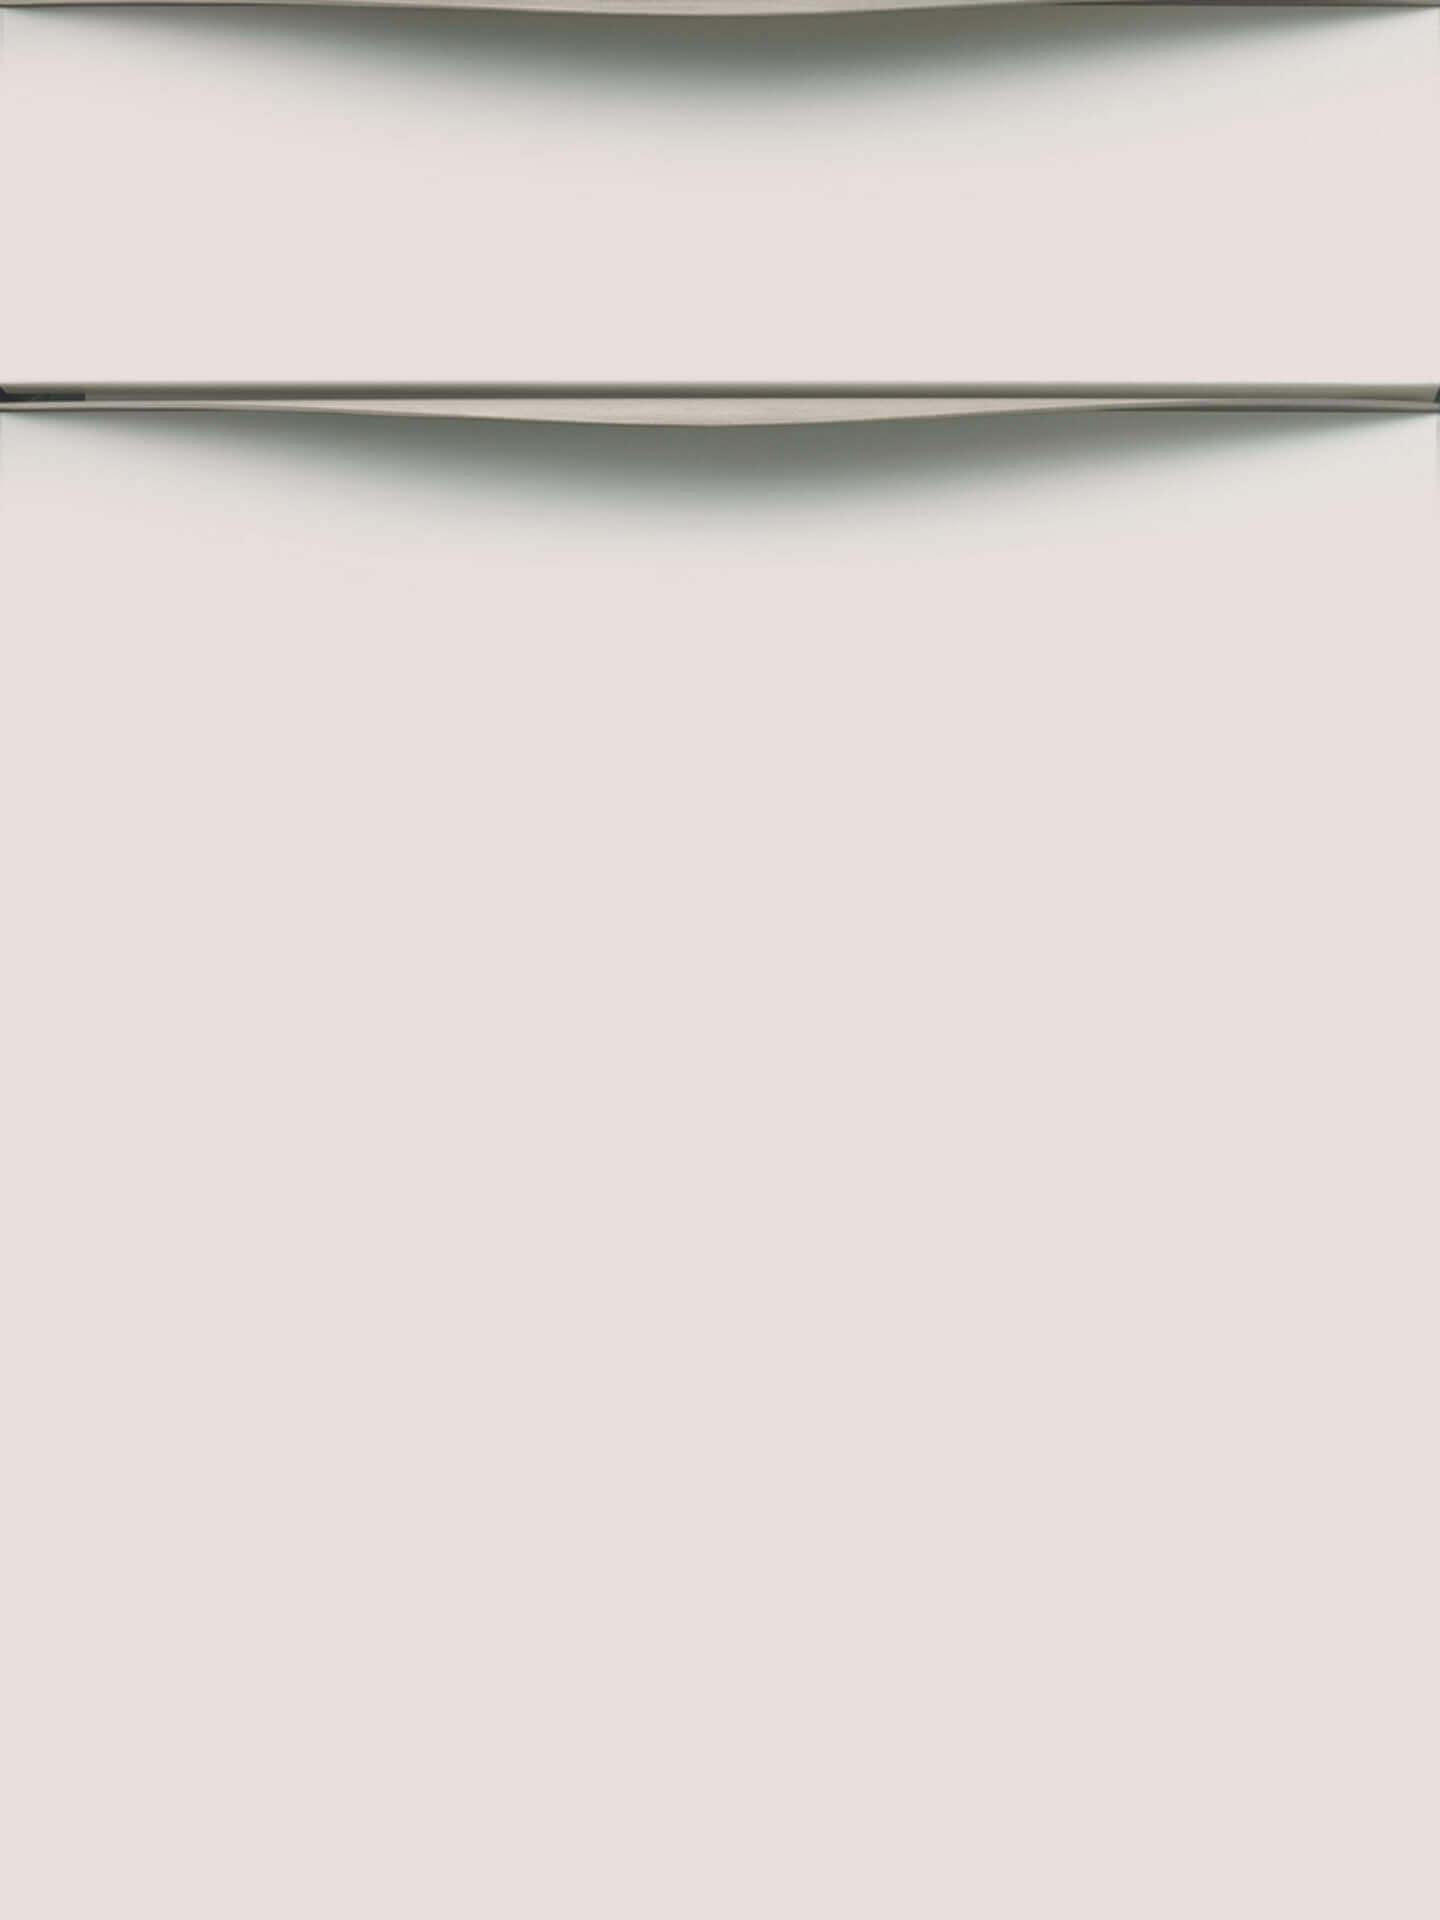 Full Size of Griffe Ffnungssysteme Fr Ihre Kche Ratiomat Miniküche Komplettküche Spülbecken Küche Weisse Landhausküche L Mit Elektrogeräten Kühlschrank Erweitern Led Wohnzimmer Küche Griffe